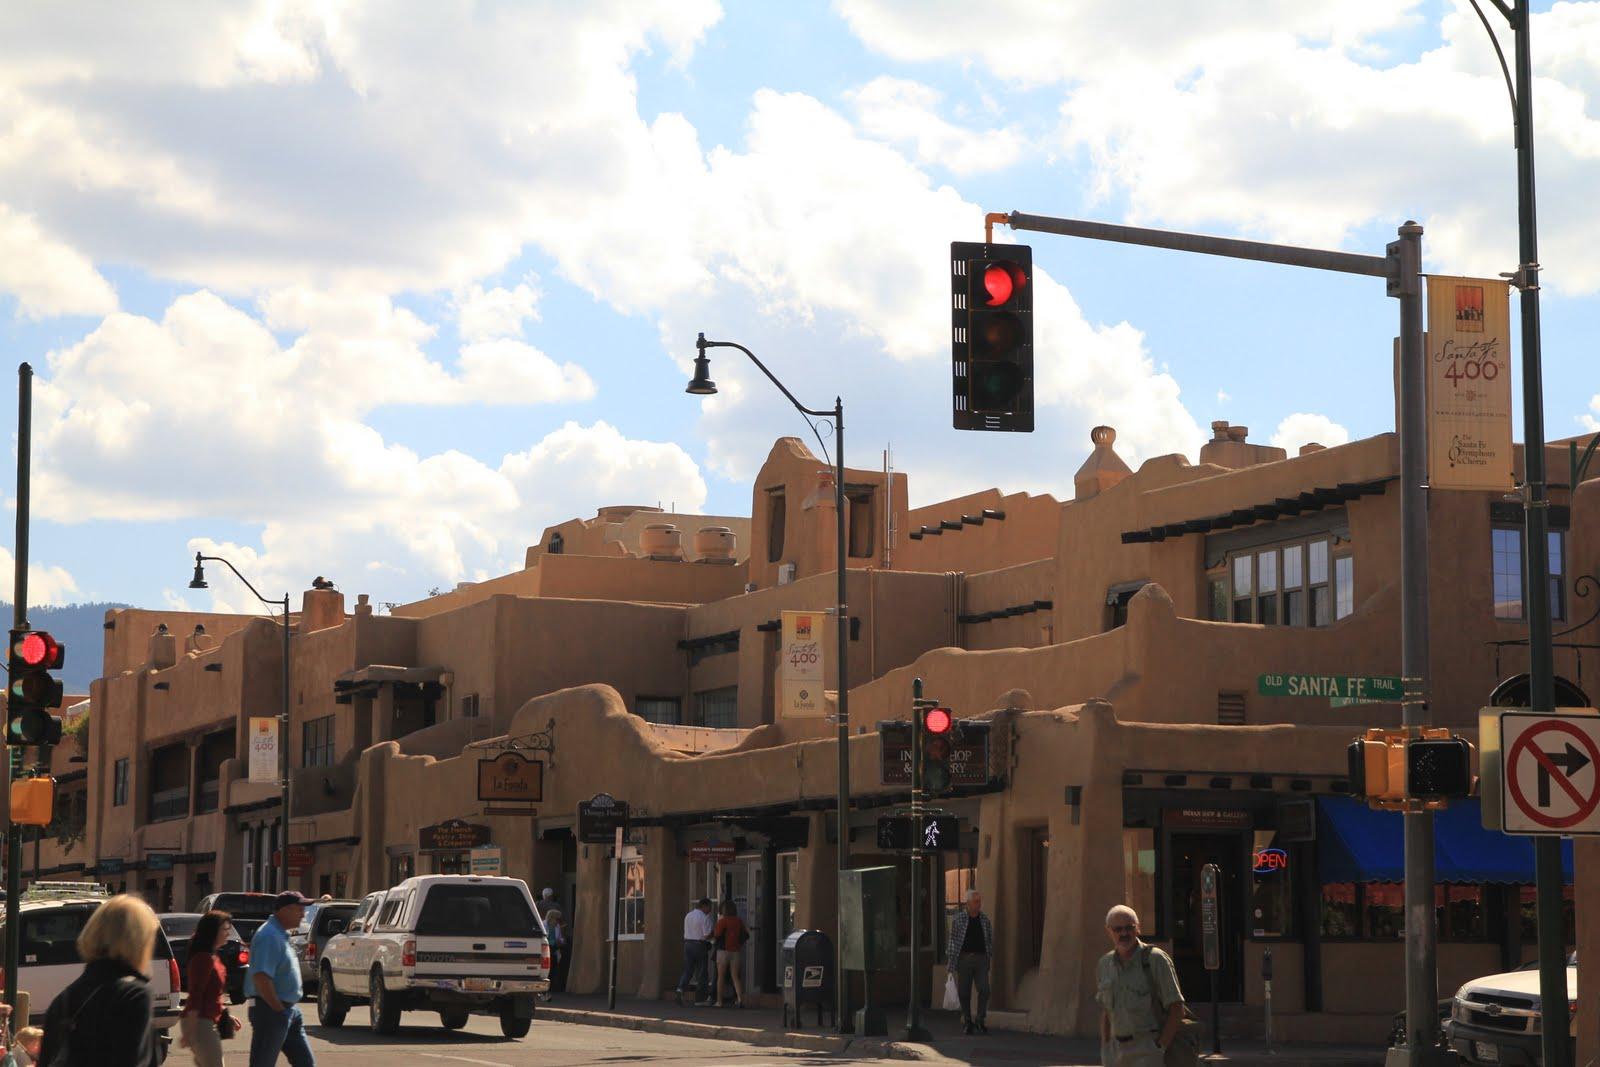 Eyeglass Frames Santa Fe Nm : Hark, United States of America!: New Mexico - Albuquerque ...